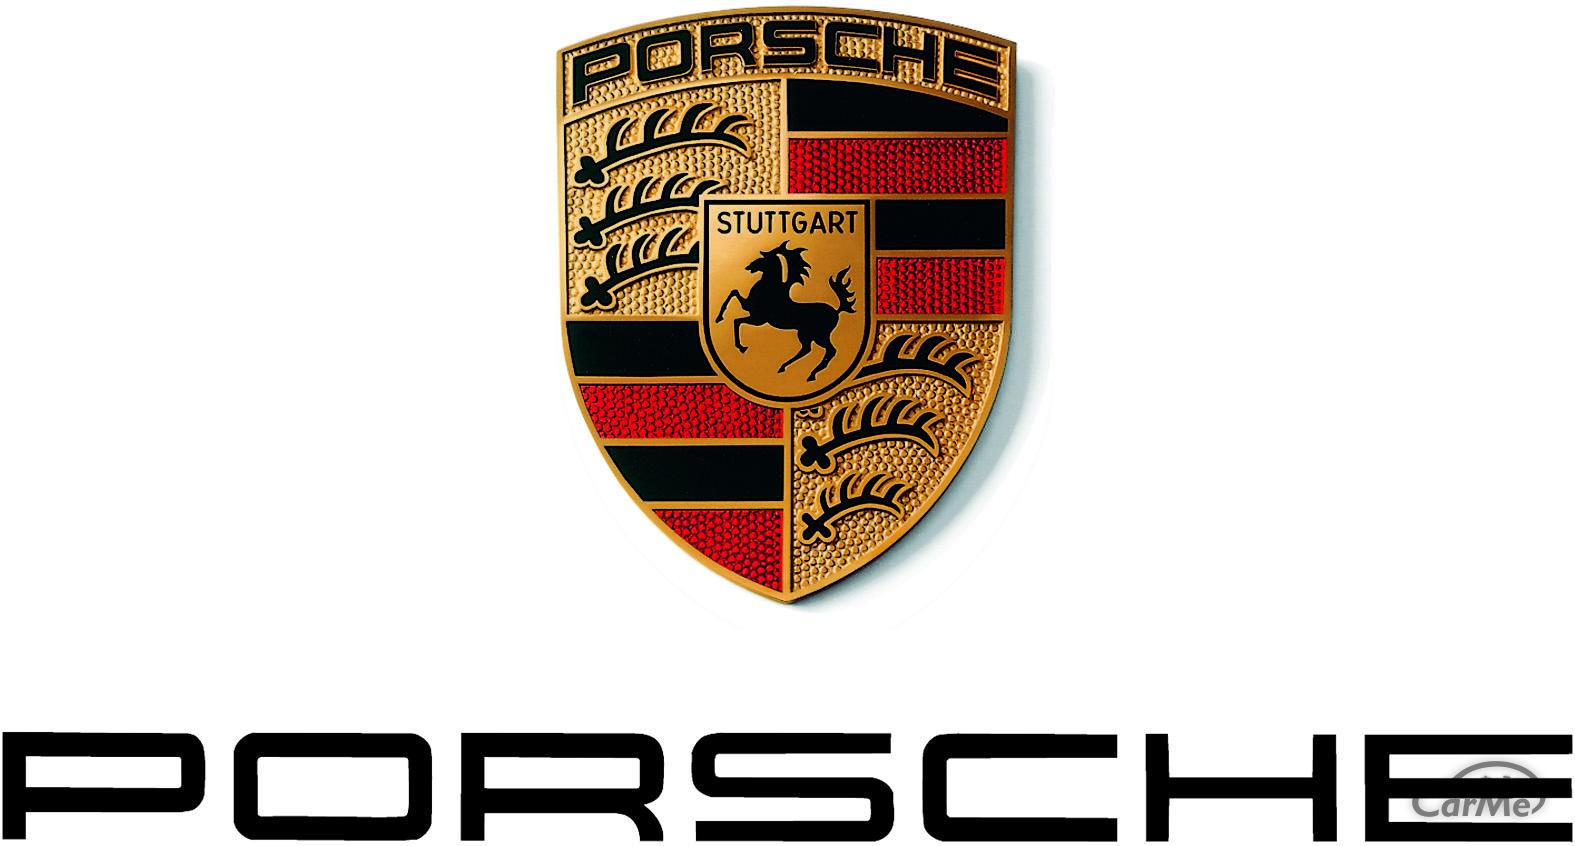 ポルシェとフェラーリのエンブレムの馬は同じ馬\u2026!?そこには隠されたストーリーが。